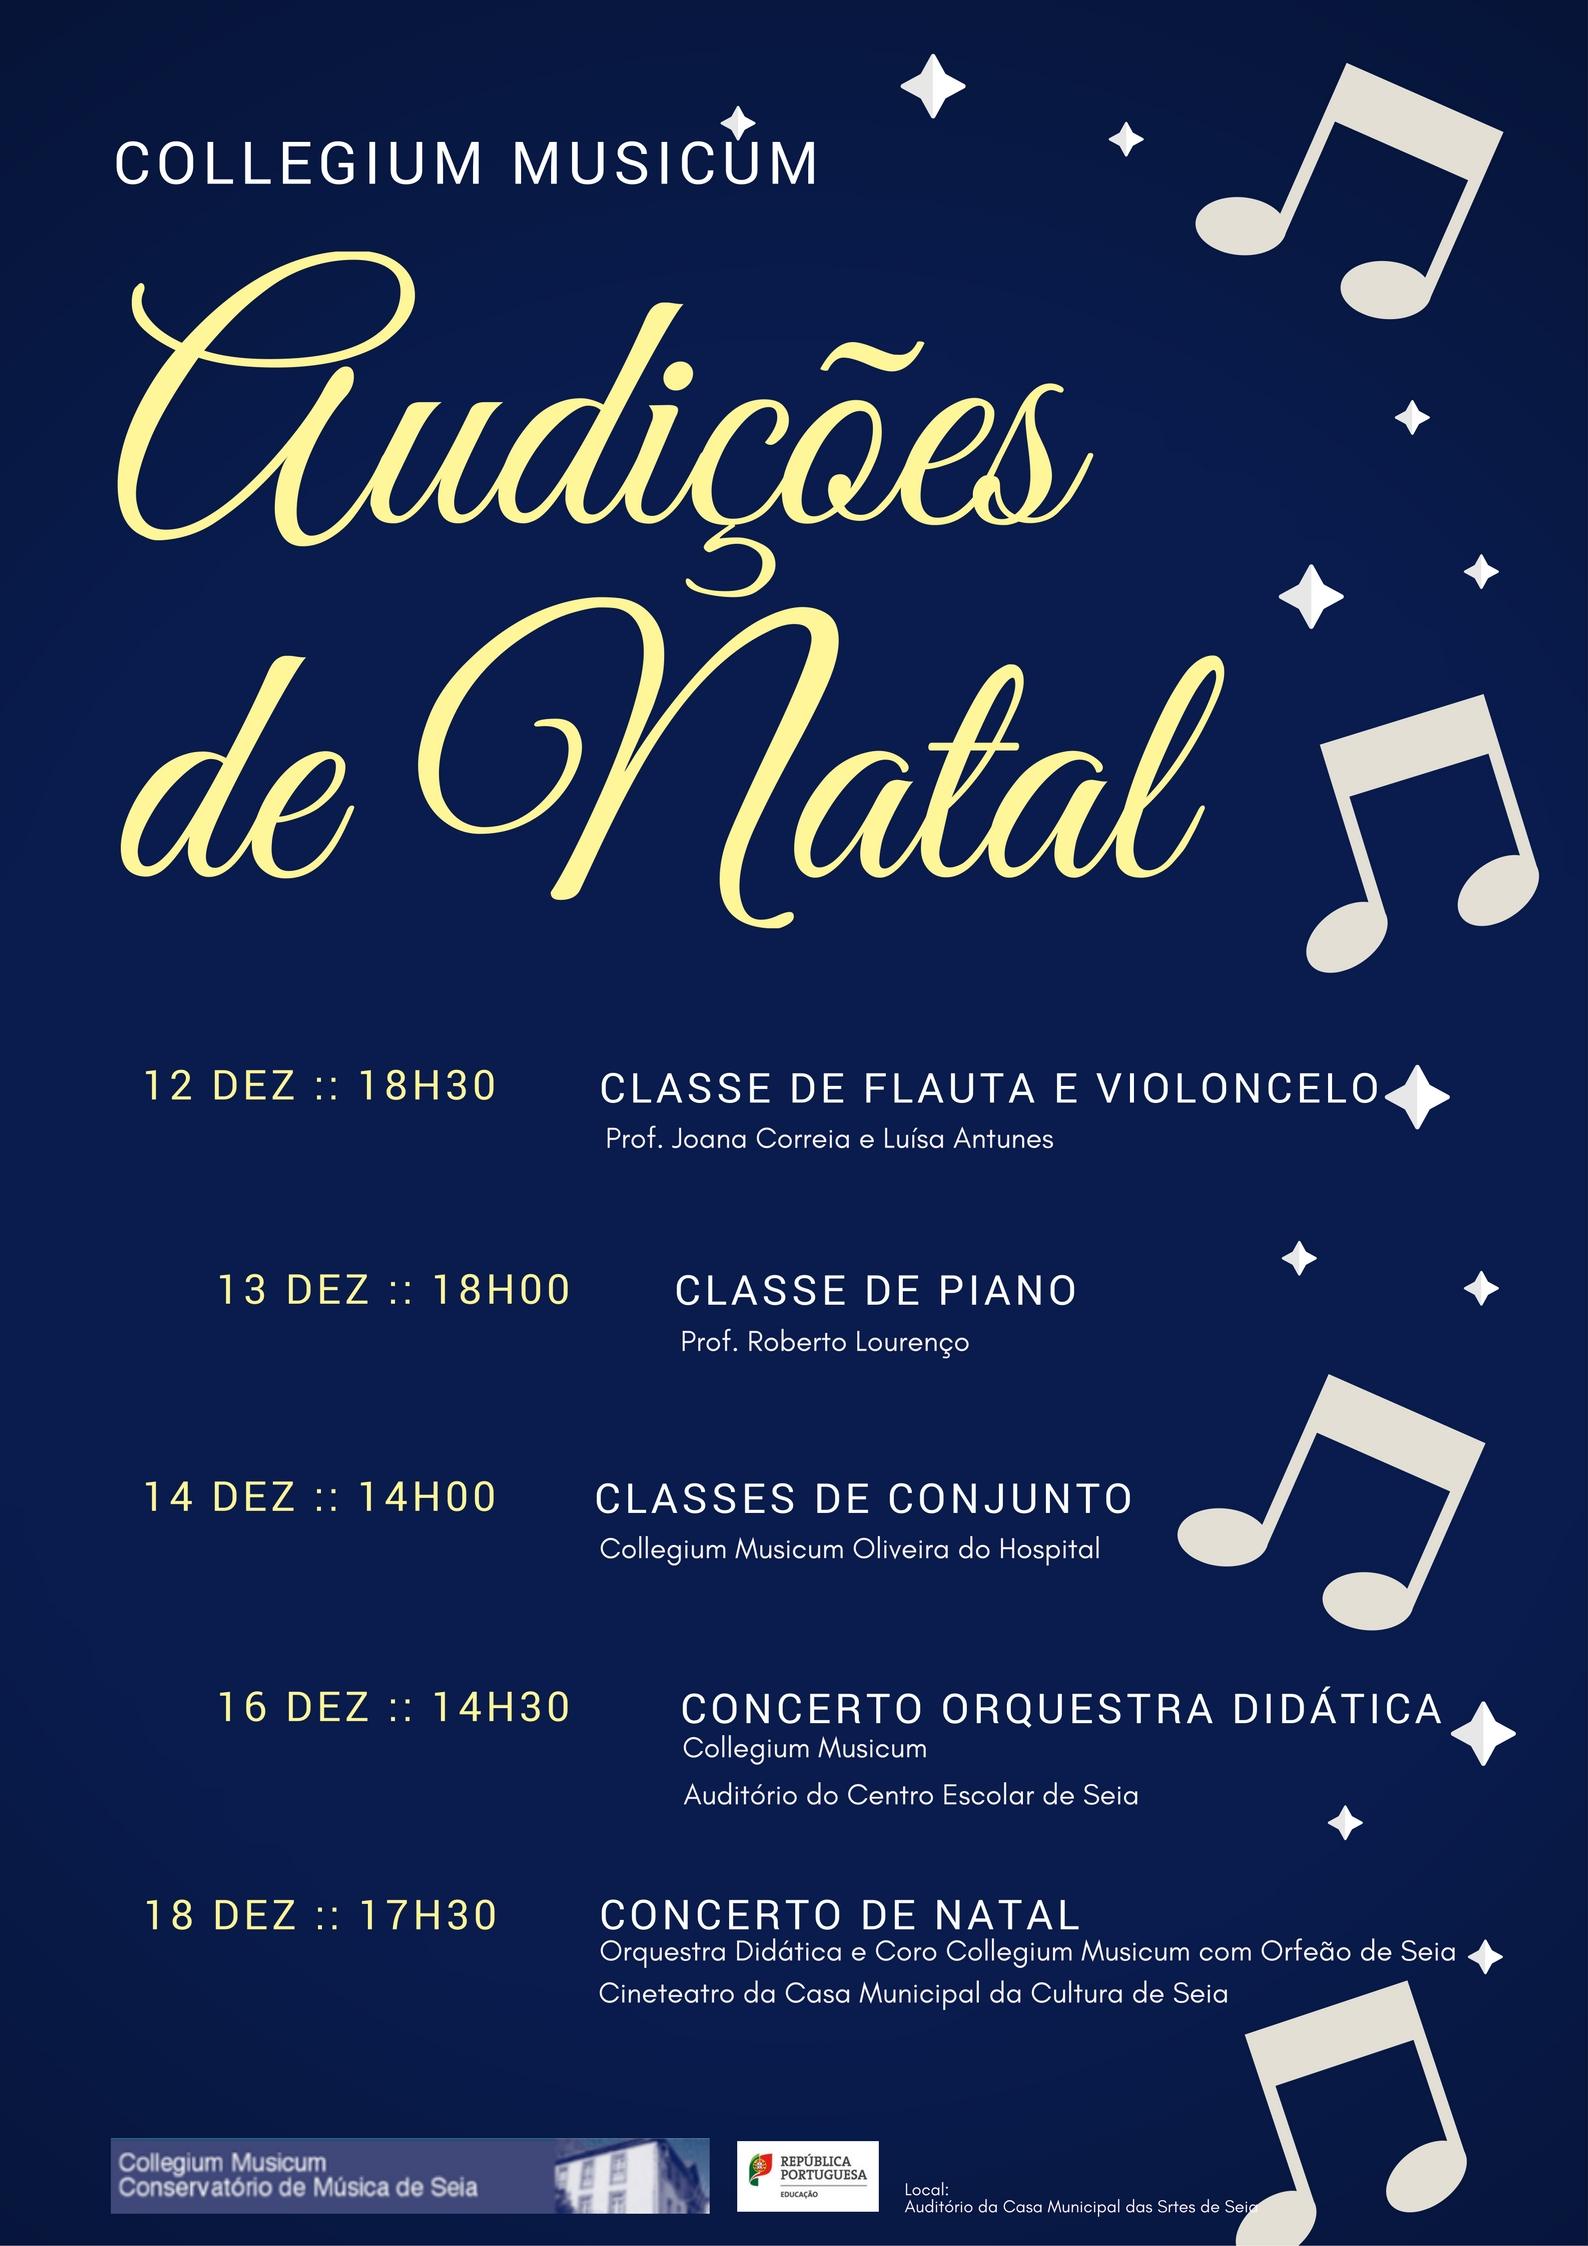 Audições e Concertos de Natal